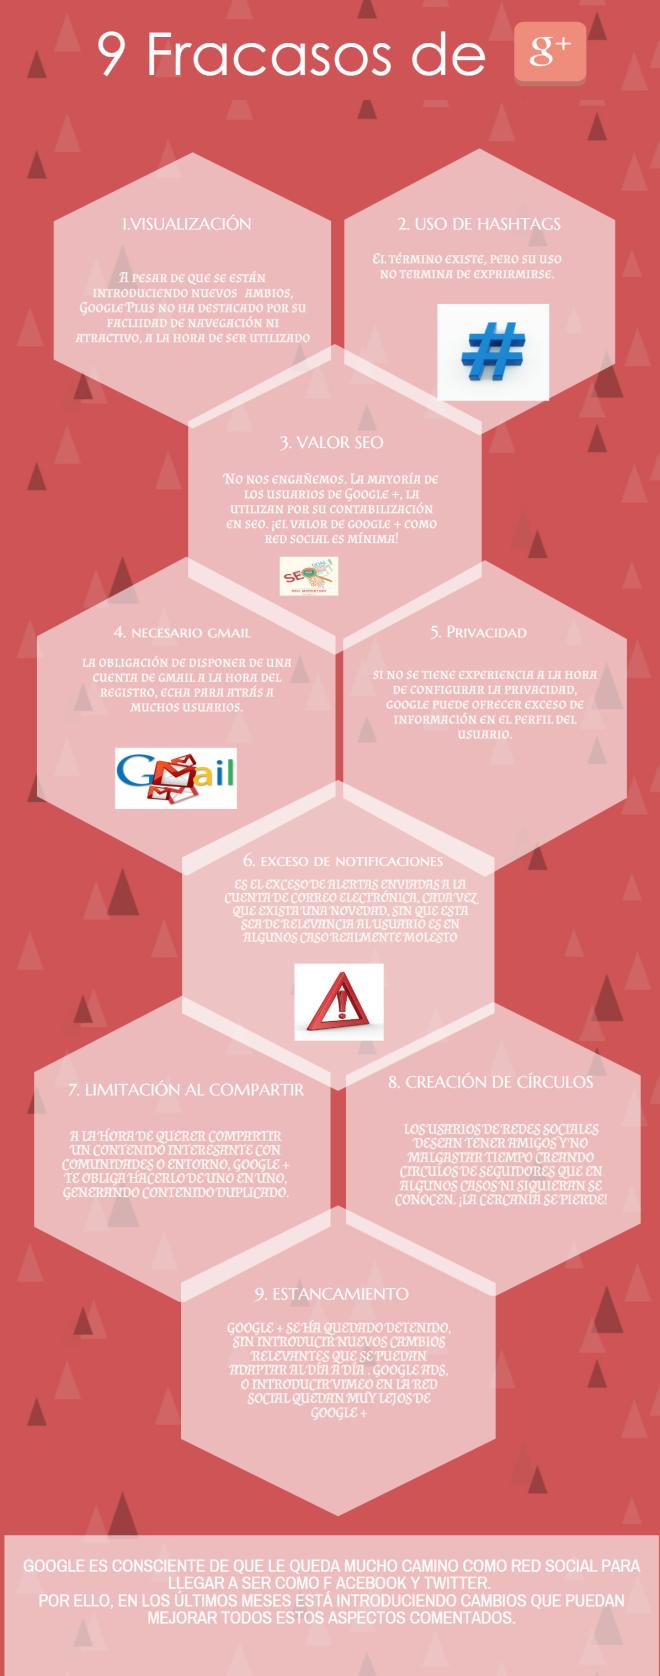 9 fracasos de Google +